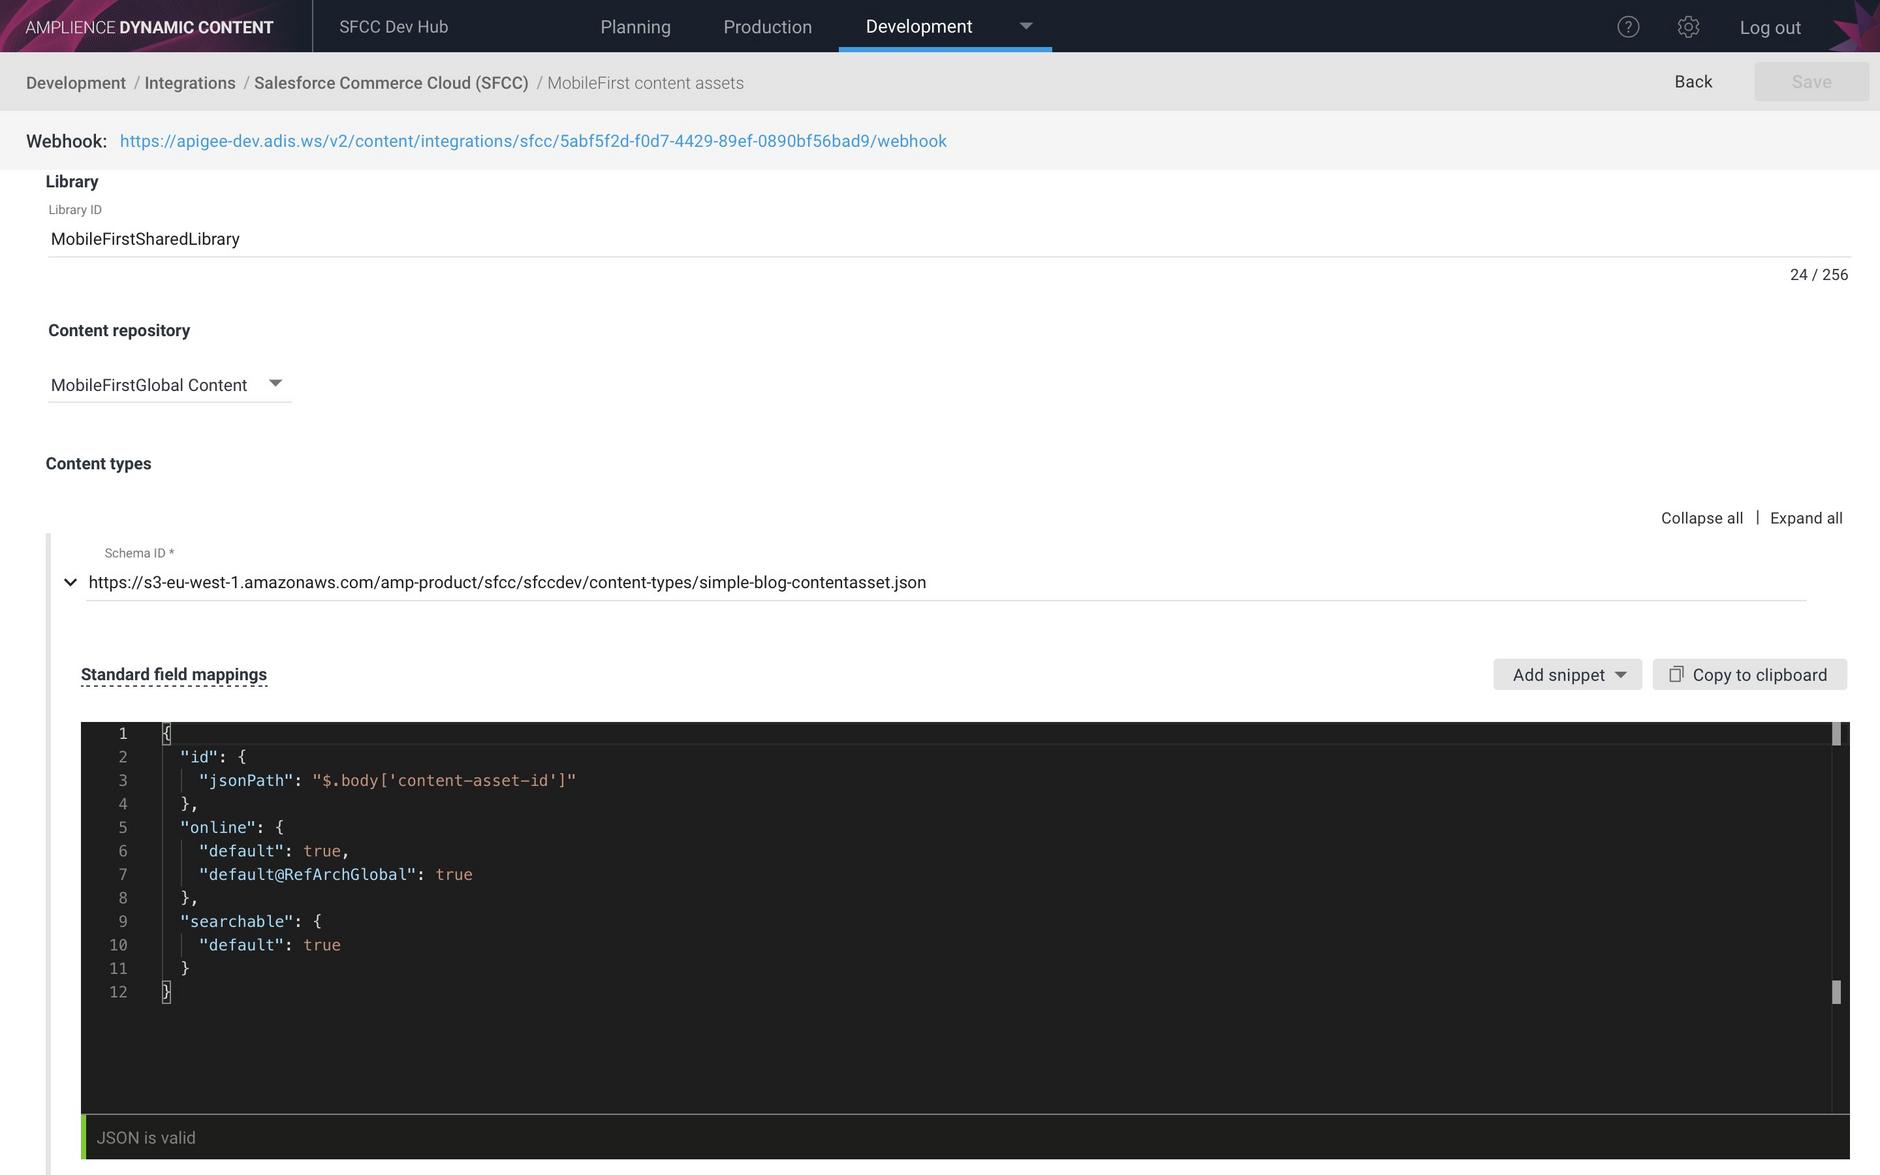 SFCC integrations can now be set up via a UI